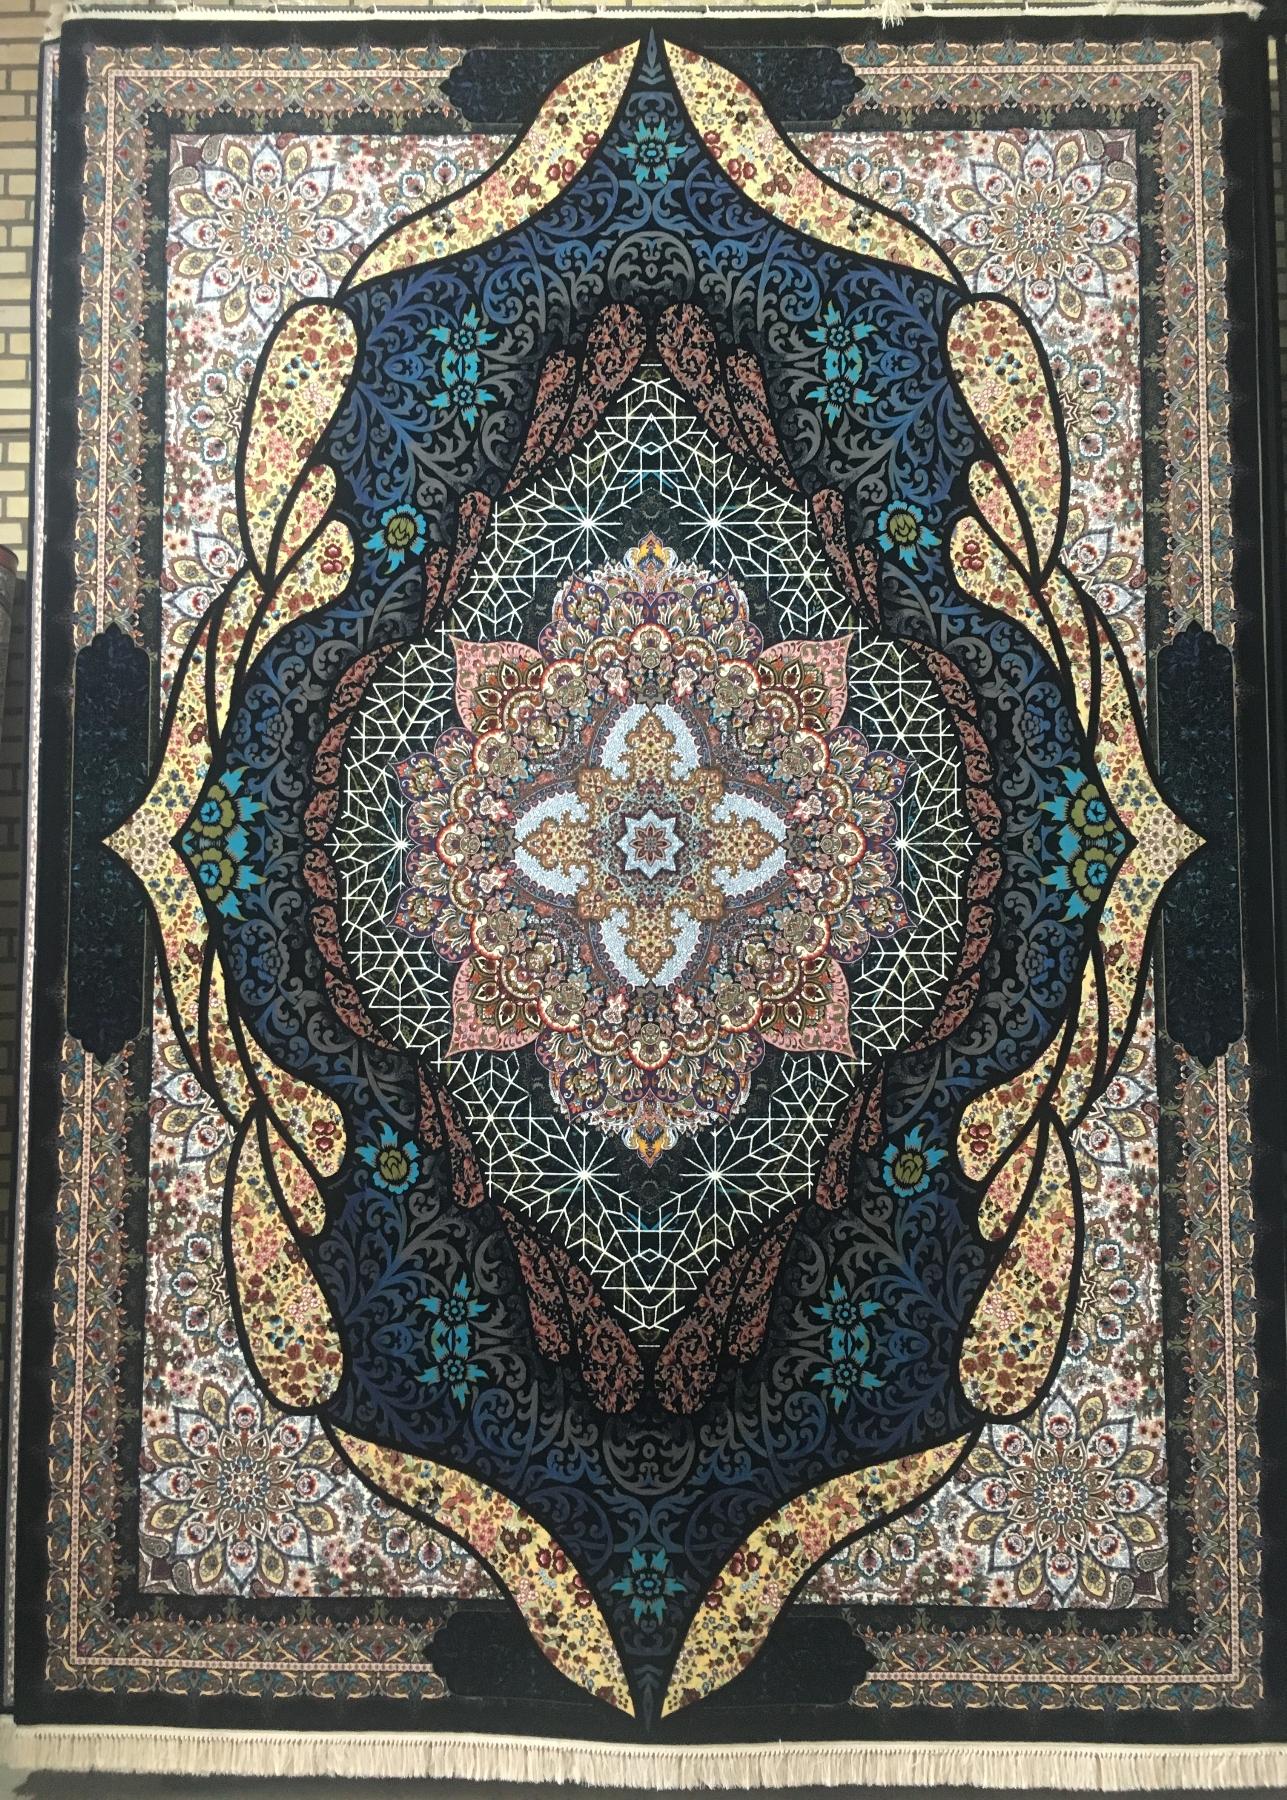 فرش ماشینی کاشان ۱۰۰۰ شانه تراکم ۳۰۰۰ طرح شه بانو رنگ سرمه ای